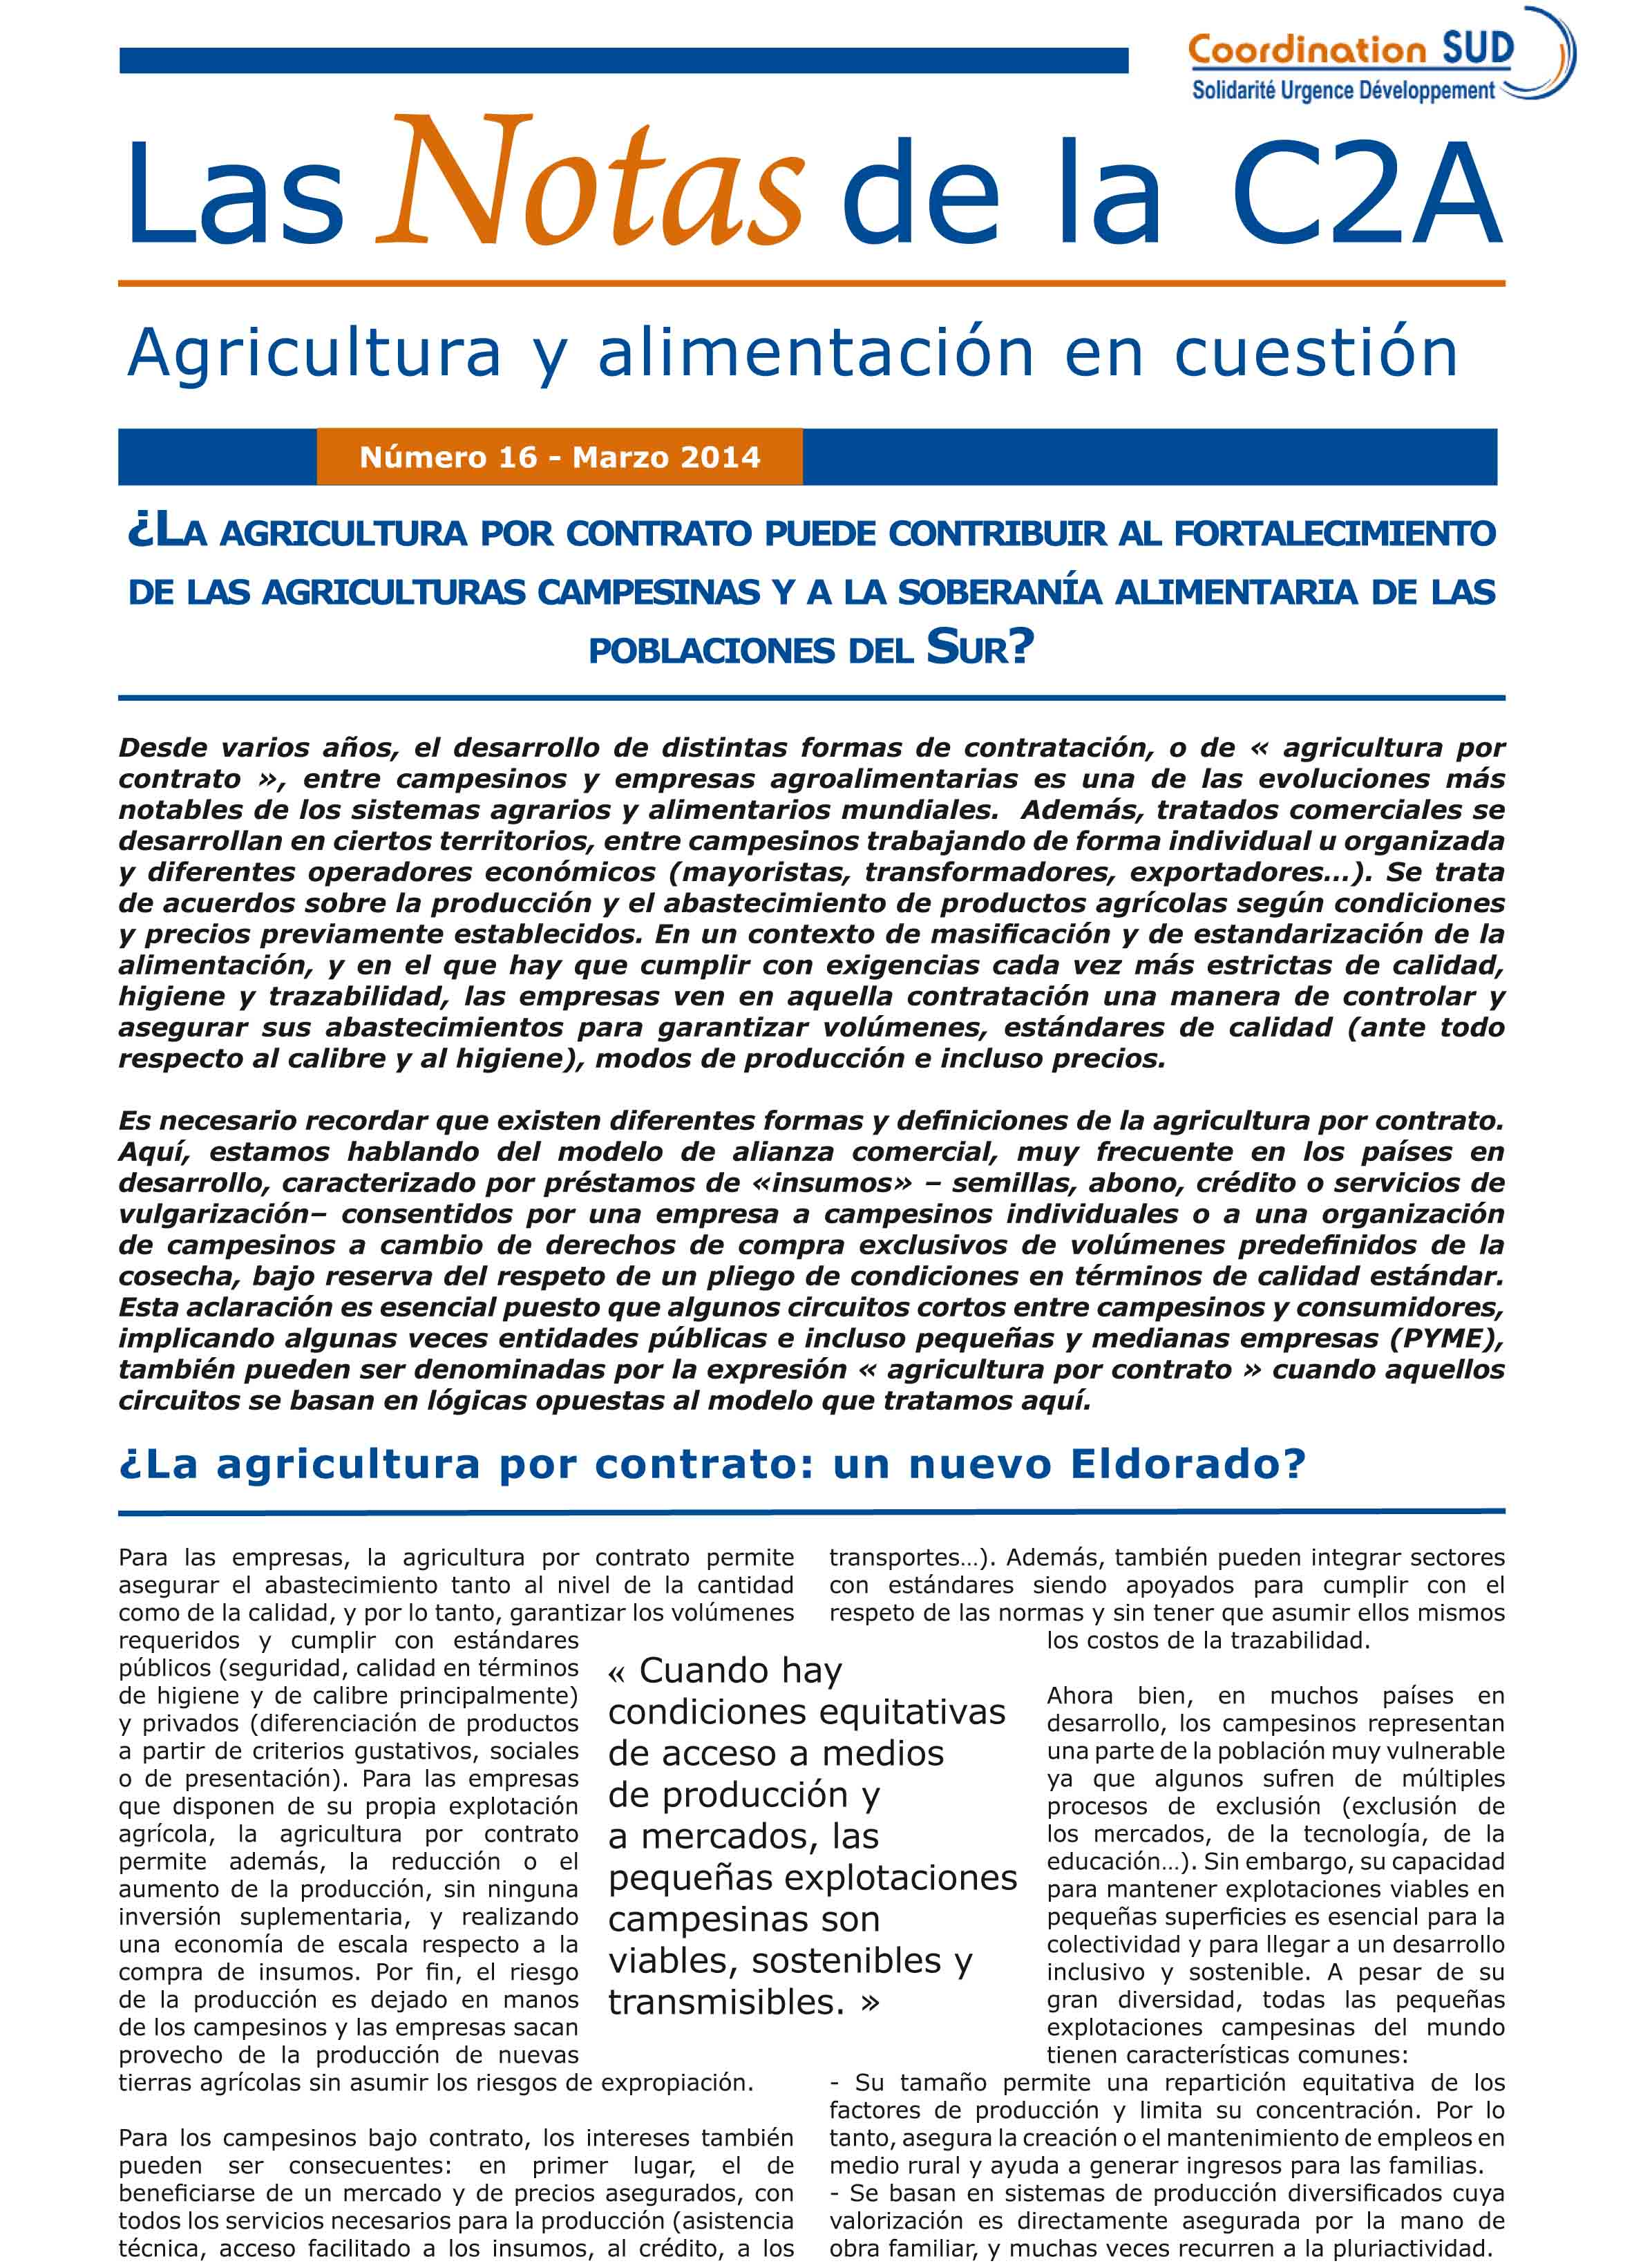 ¿Puede contribuir la agricultura por contrato al fortalecimiento de las agriculturas campesinas y a la soberanía alimentaria de las poblaciones de sur? Image principale